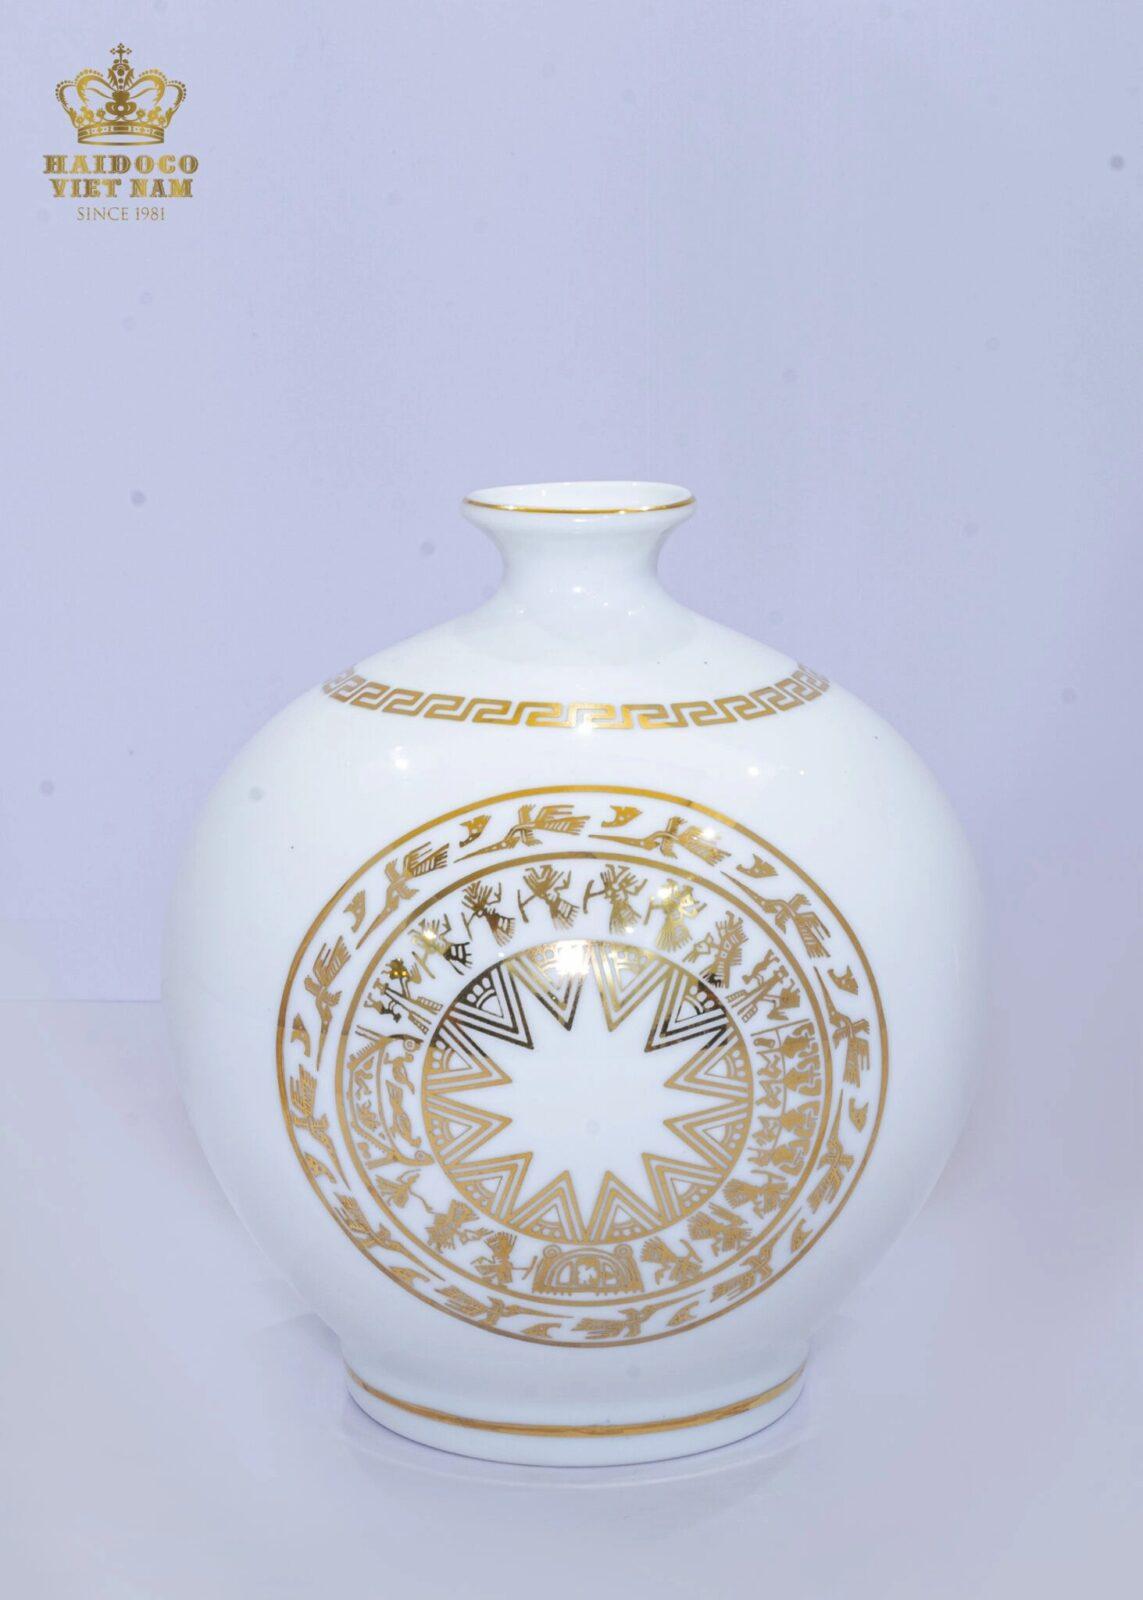 Haidoco mang đến những món quà tặng phong thủy chất lượng.